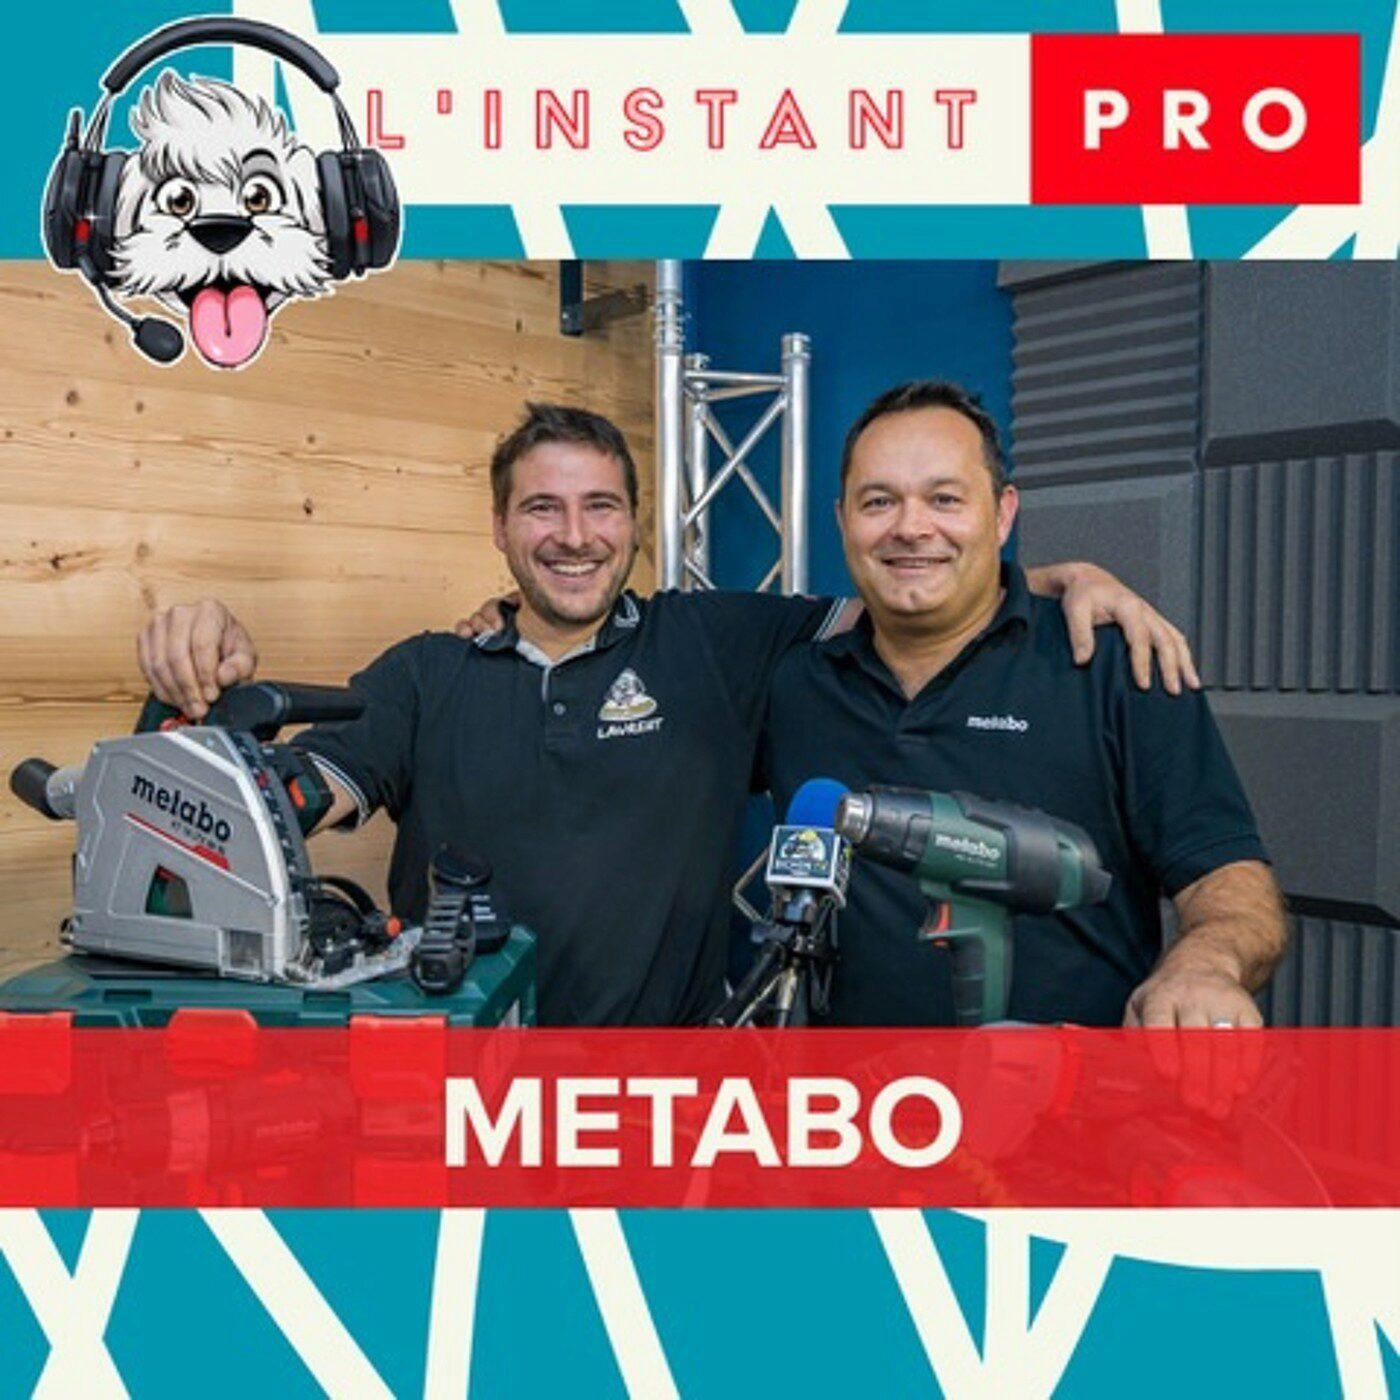 METABO L'outillage Généraliste Pro - l'instant pro - Radio bichon